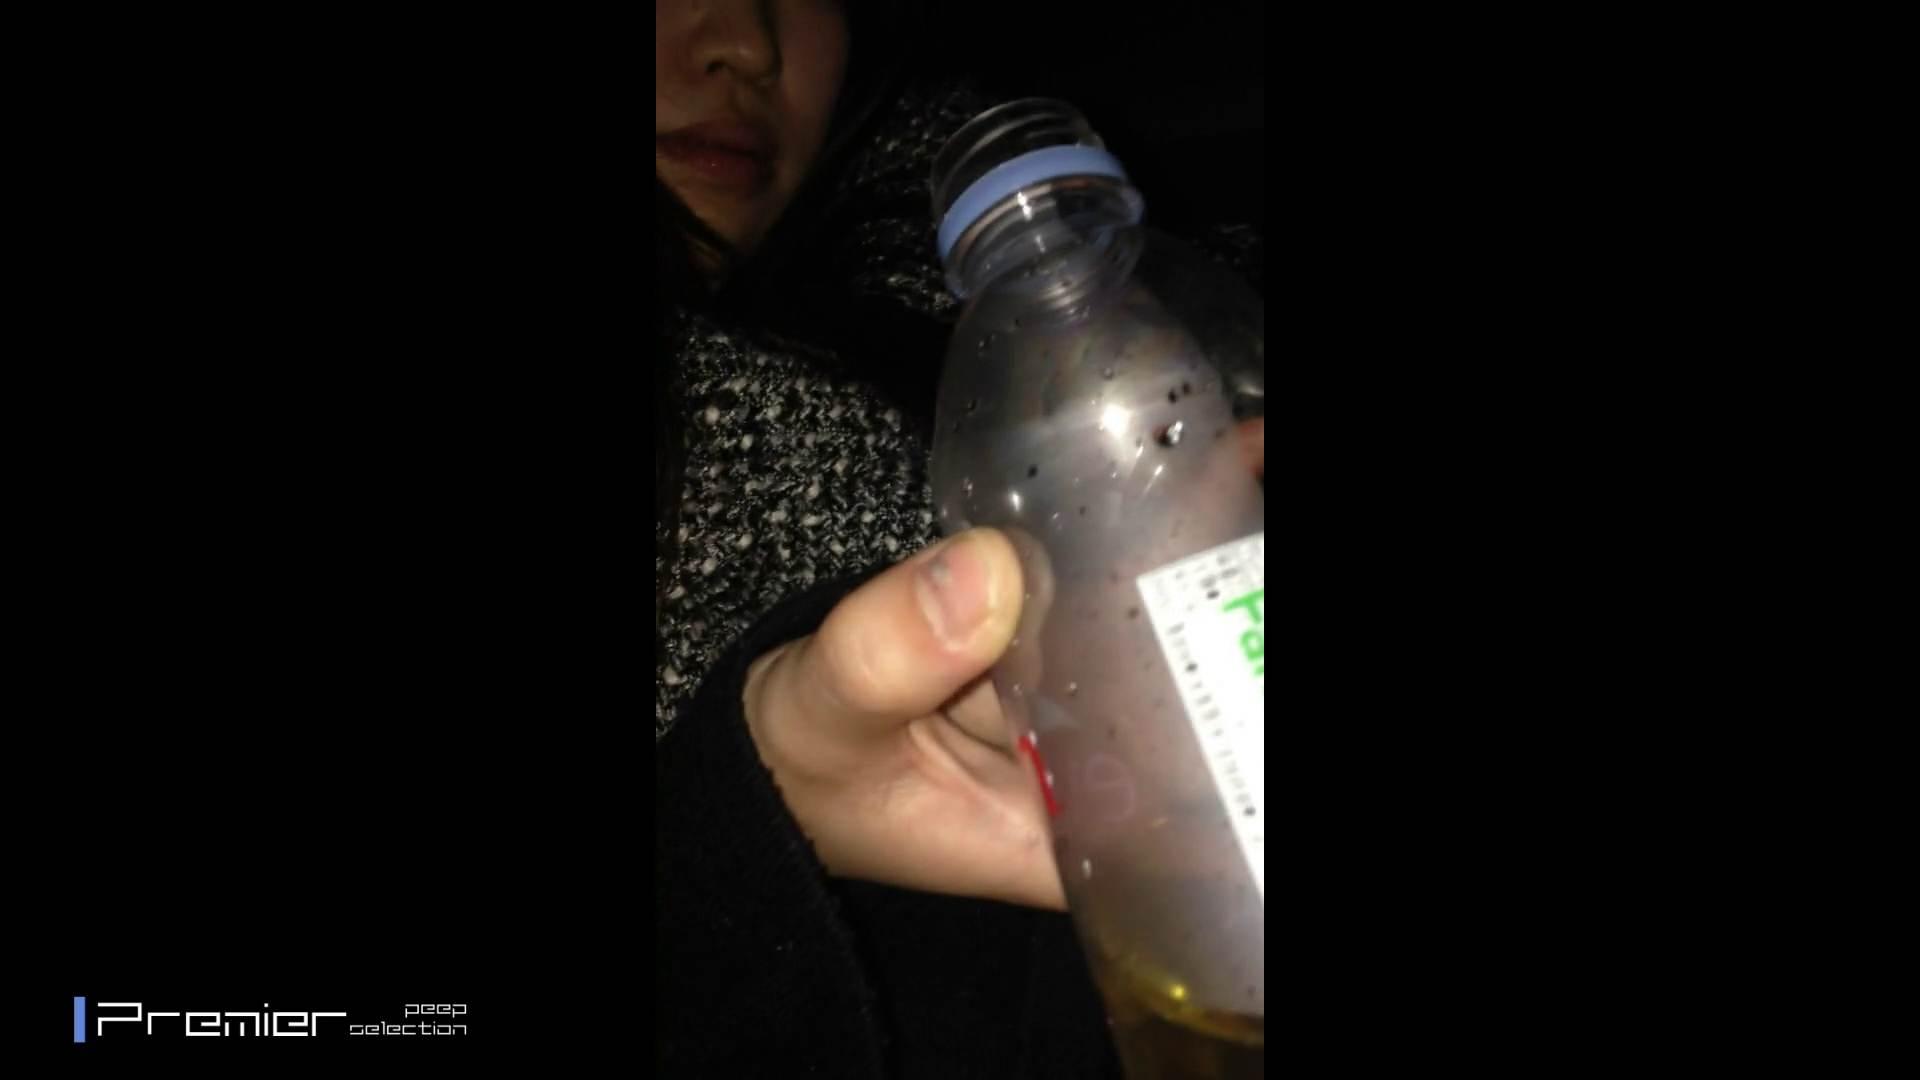 【ガチ交渉】19 歳美女 アリサの車内で生脱ぎ 美女達の私生活に潜入! 美肌  79PIX 53